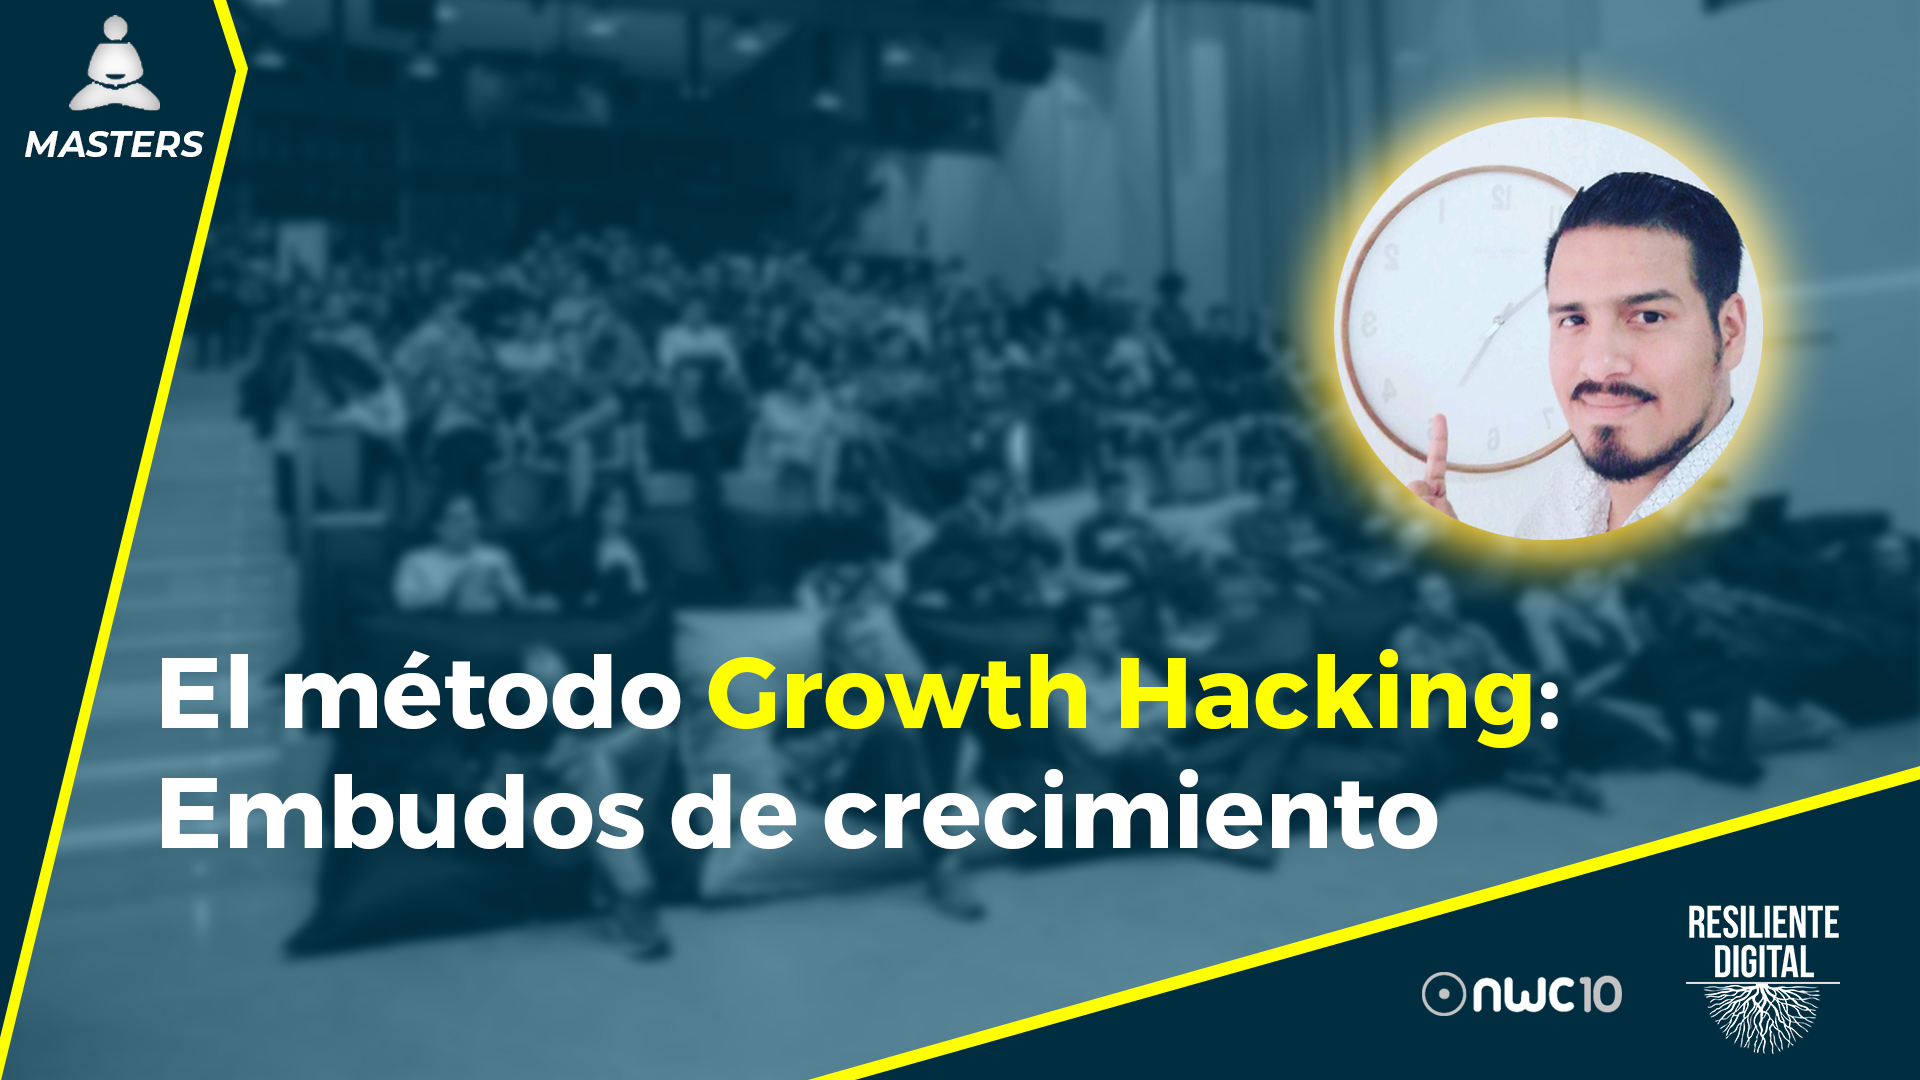 El método Growth Hacking: Embudos de crecimiento